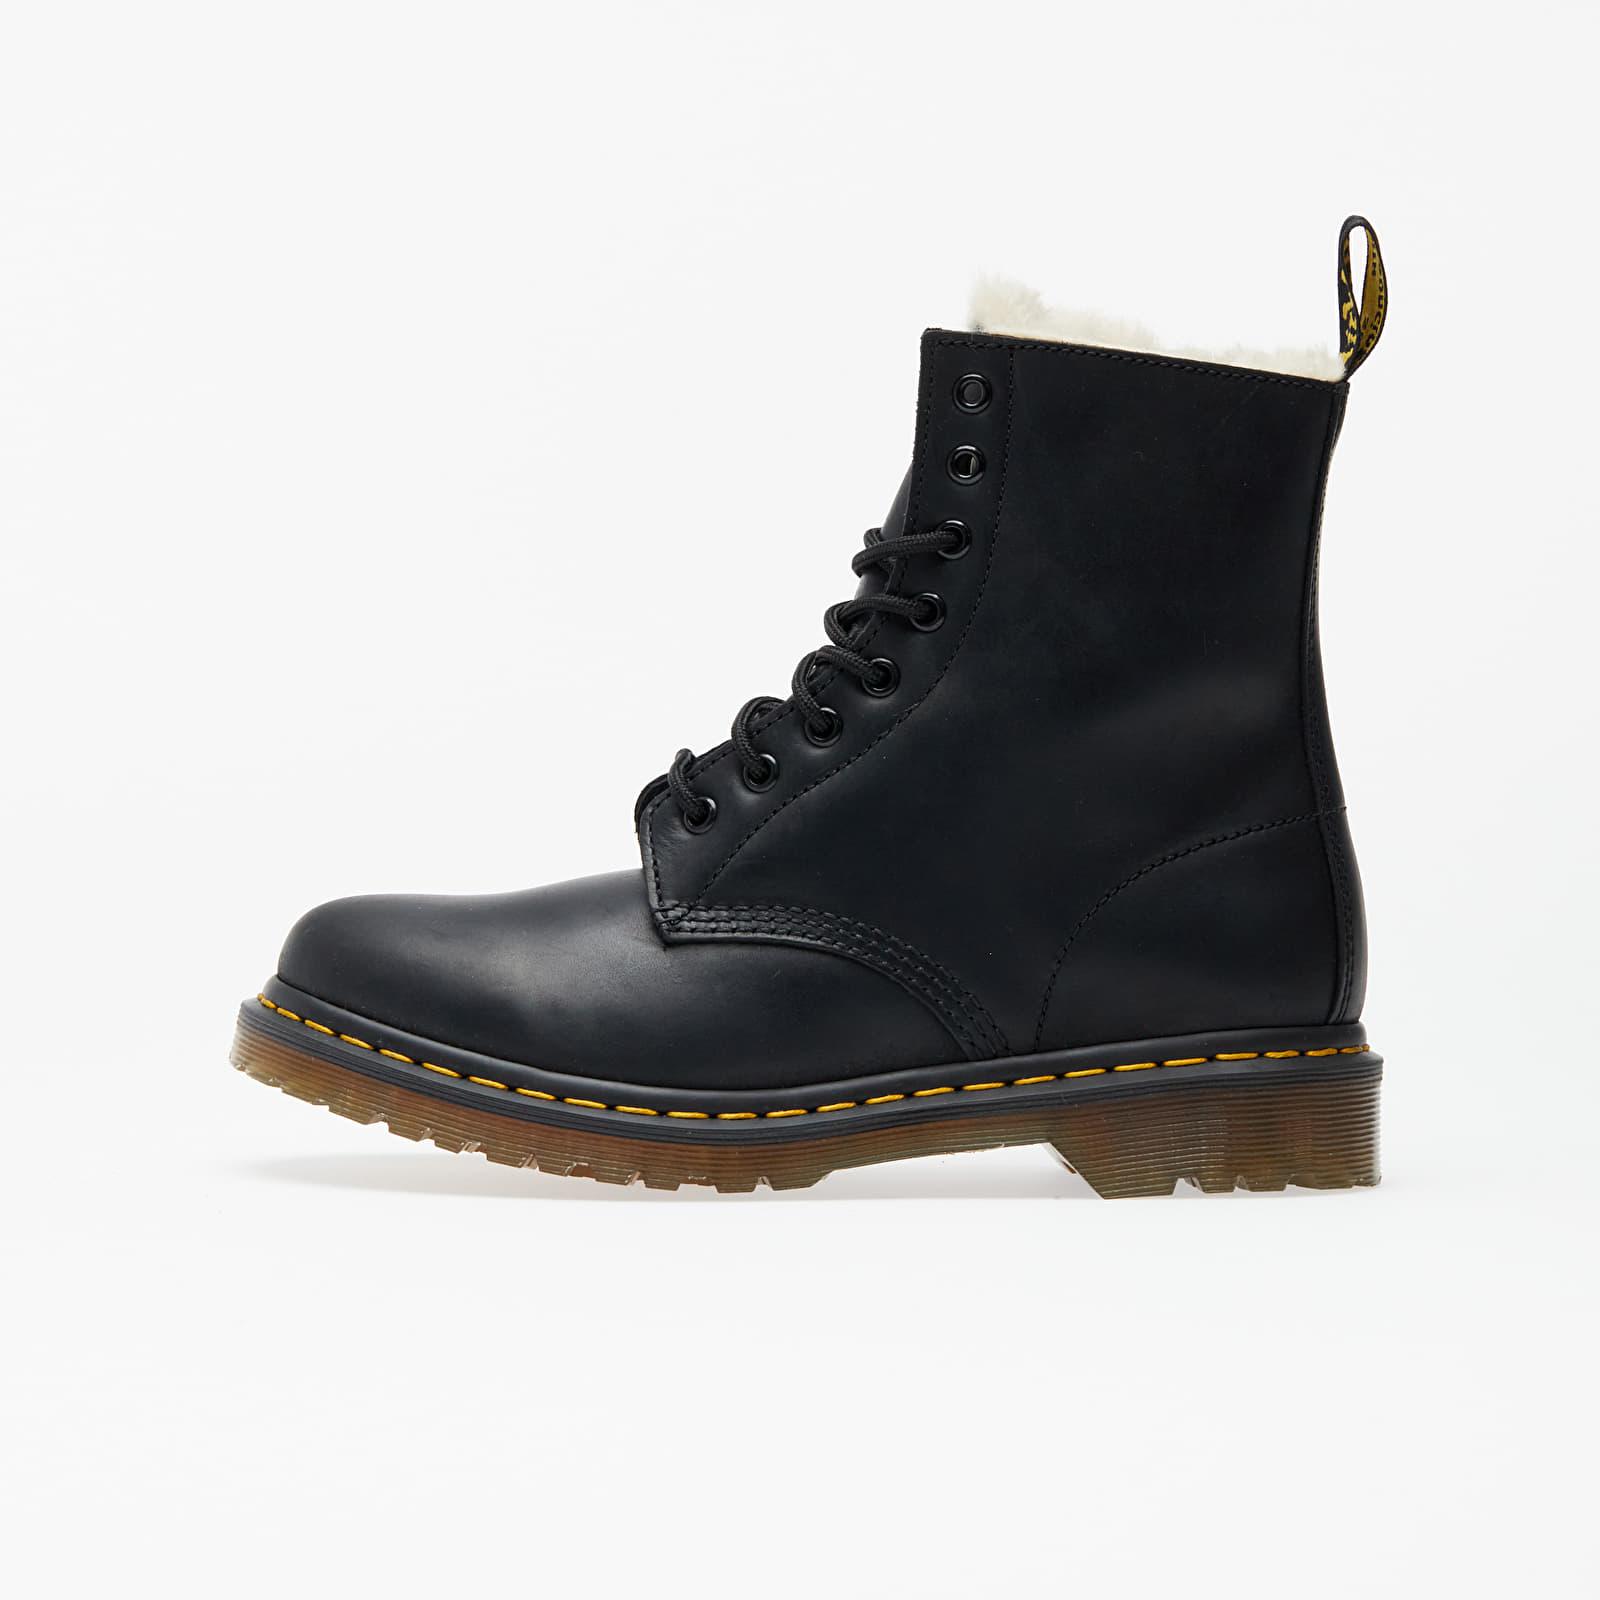 Női cipők Dr. Martens 1460 Serena Black Wyoming